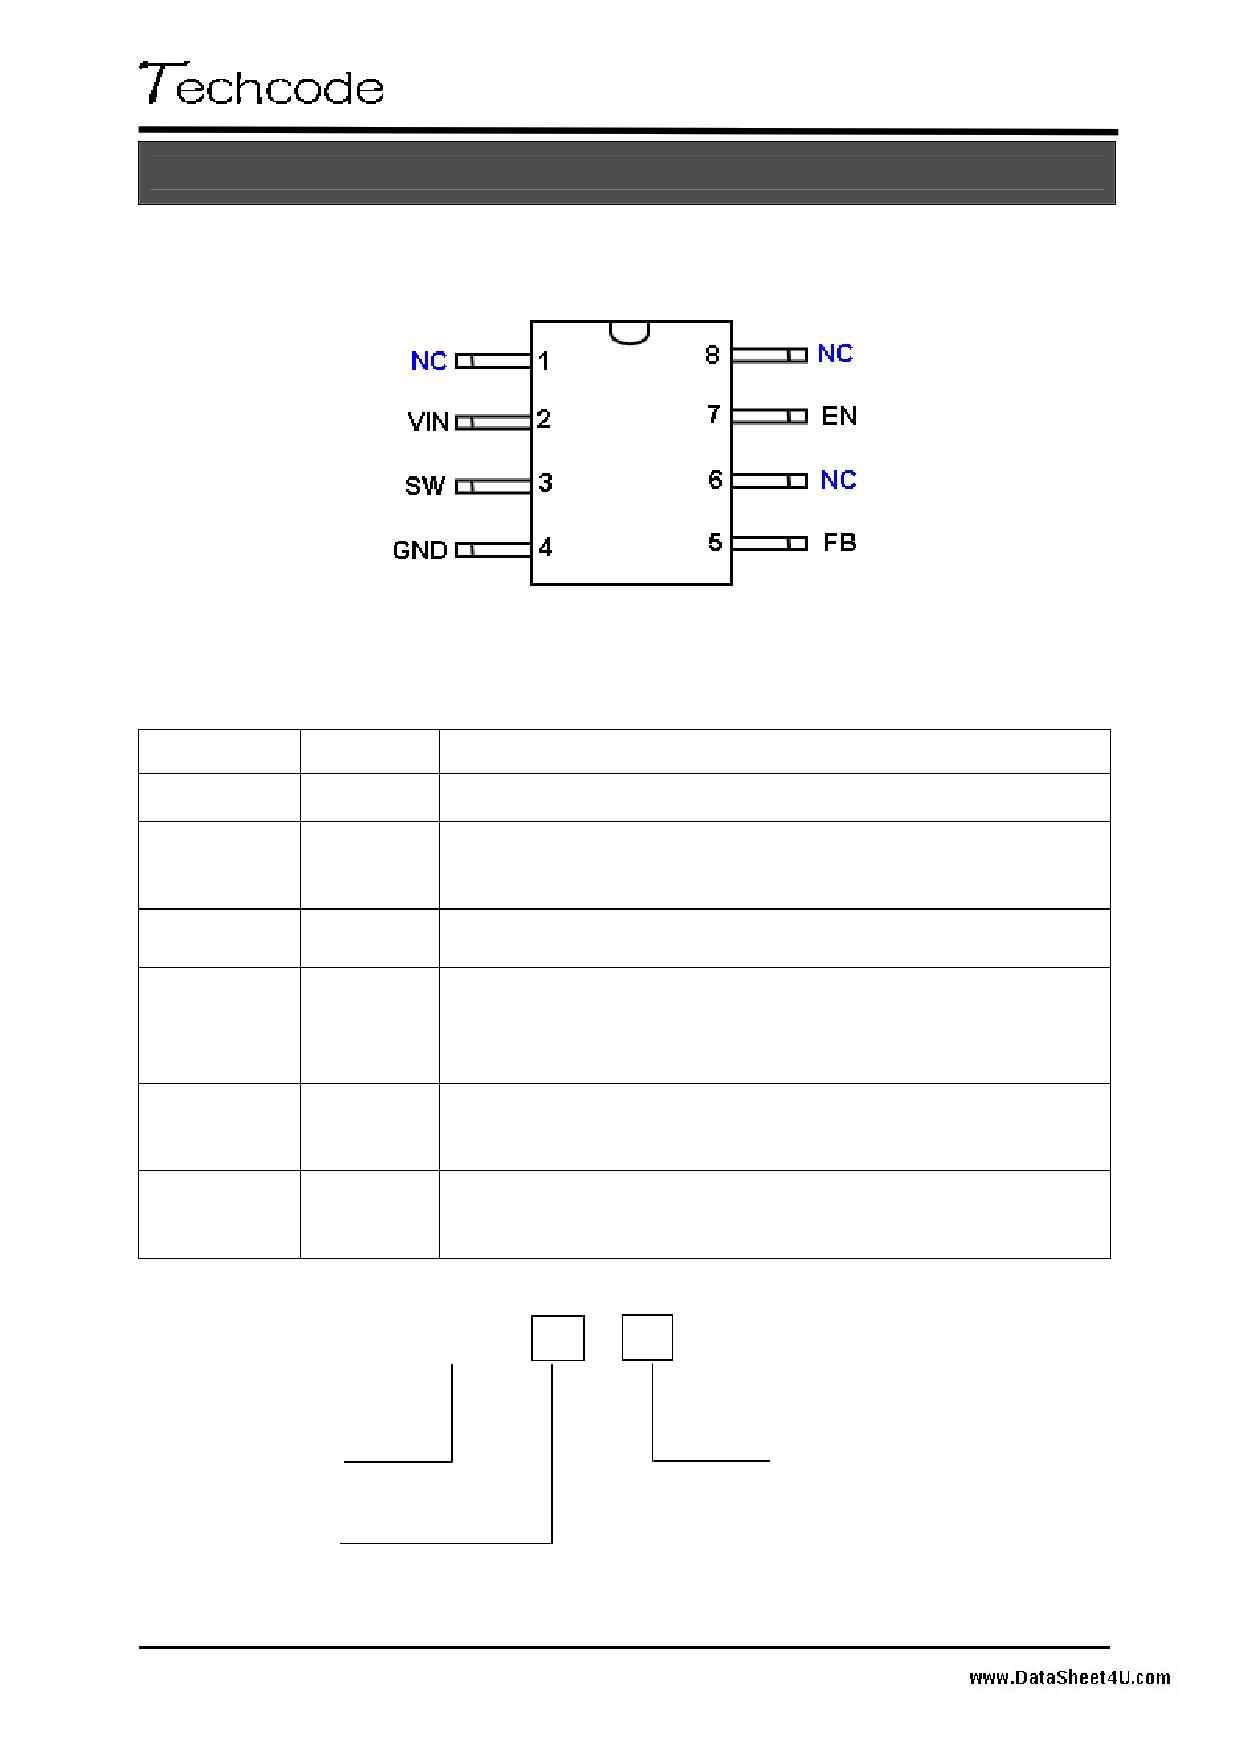 TD1583 pdf schematic